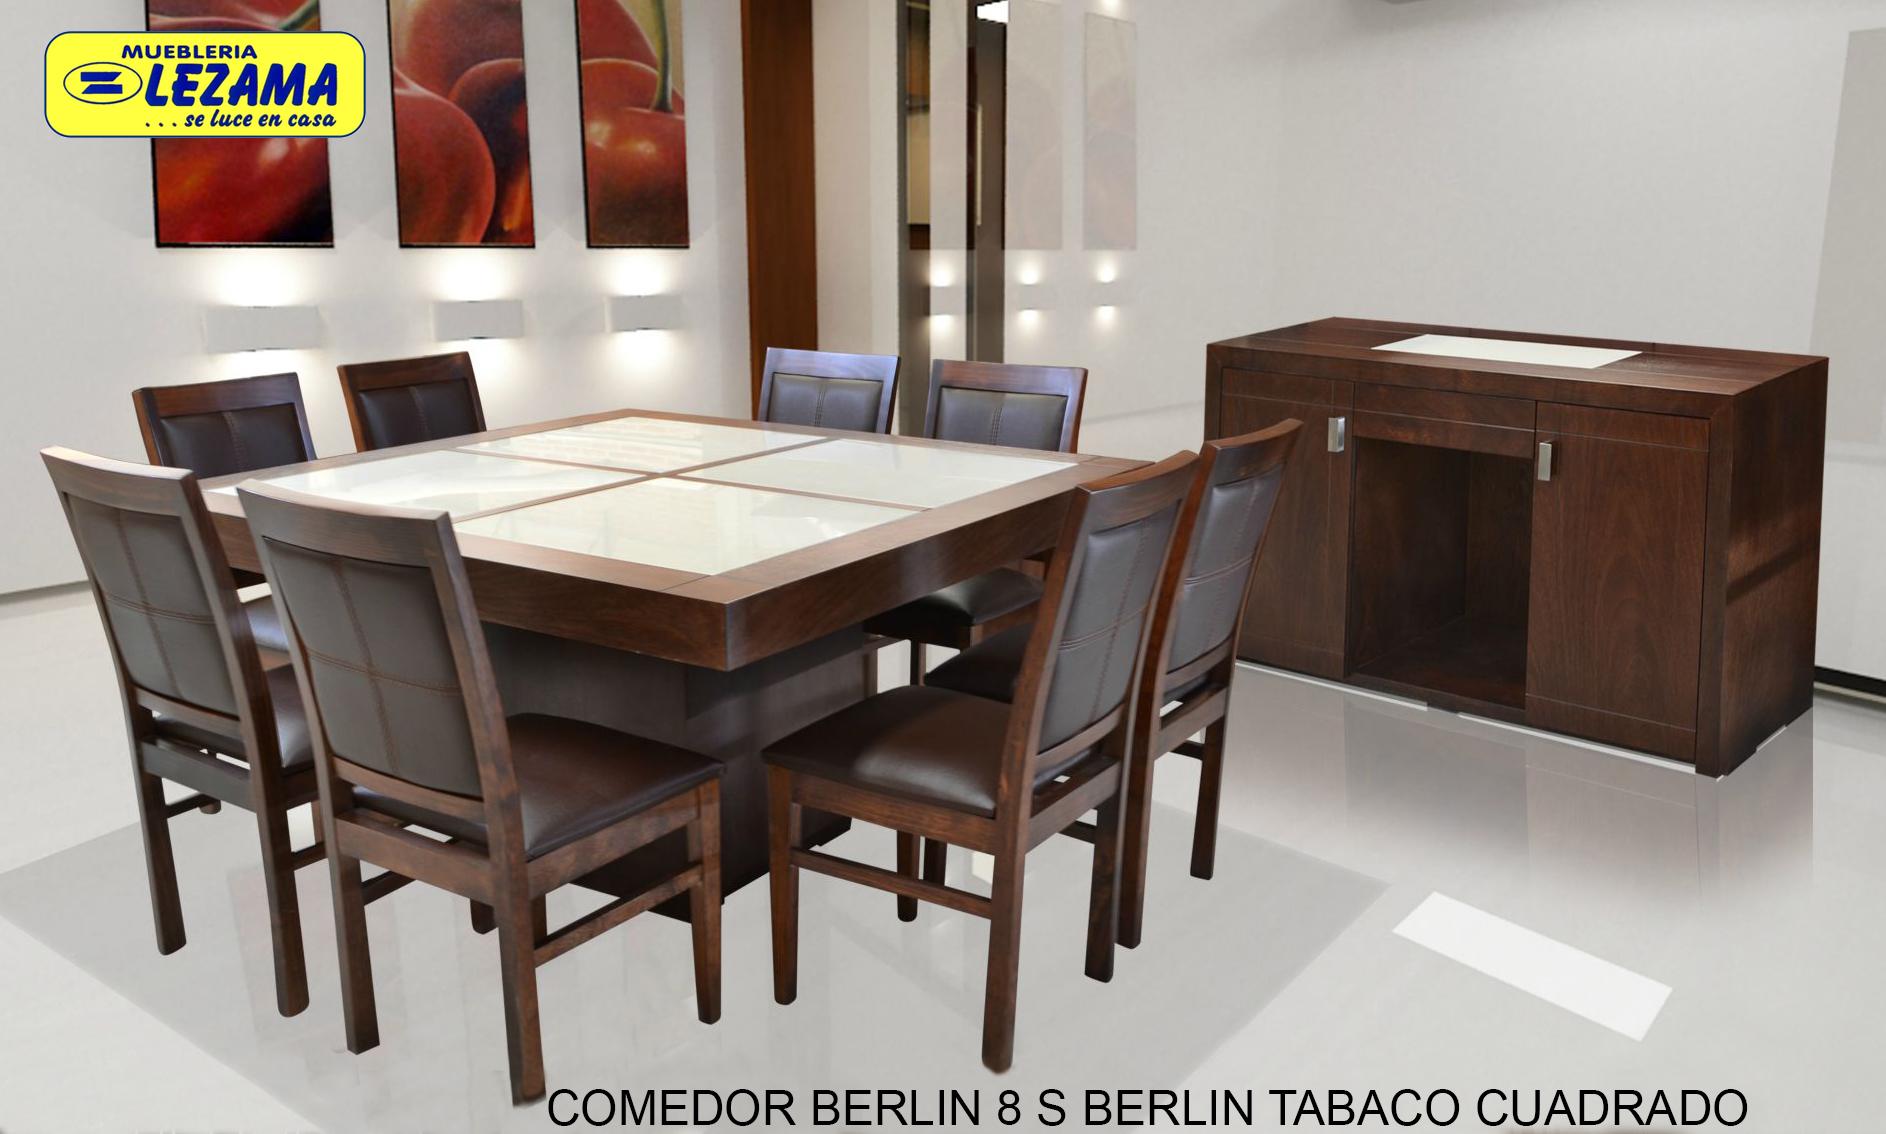 COMEDOR_BERLIN_8_S_BERLIN_CUDRADO--_-_copia.jpg